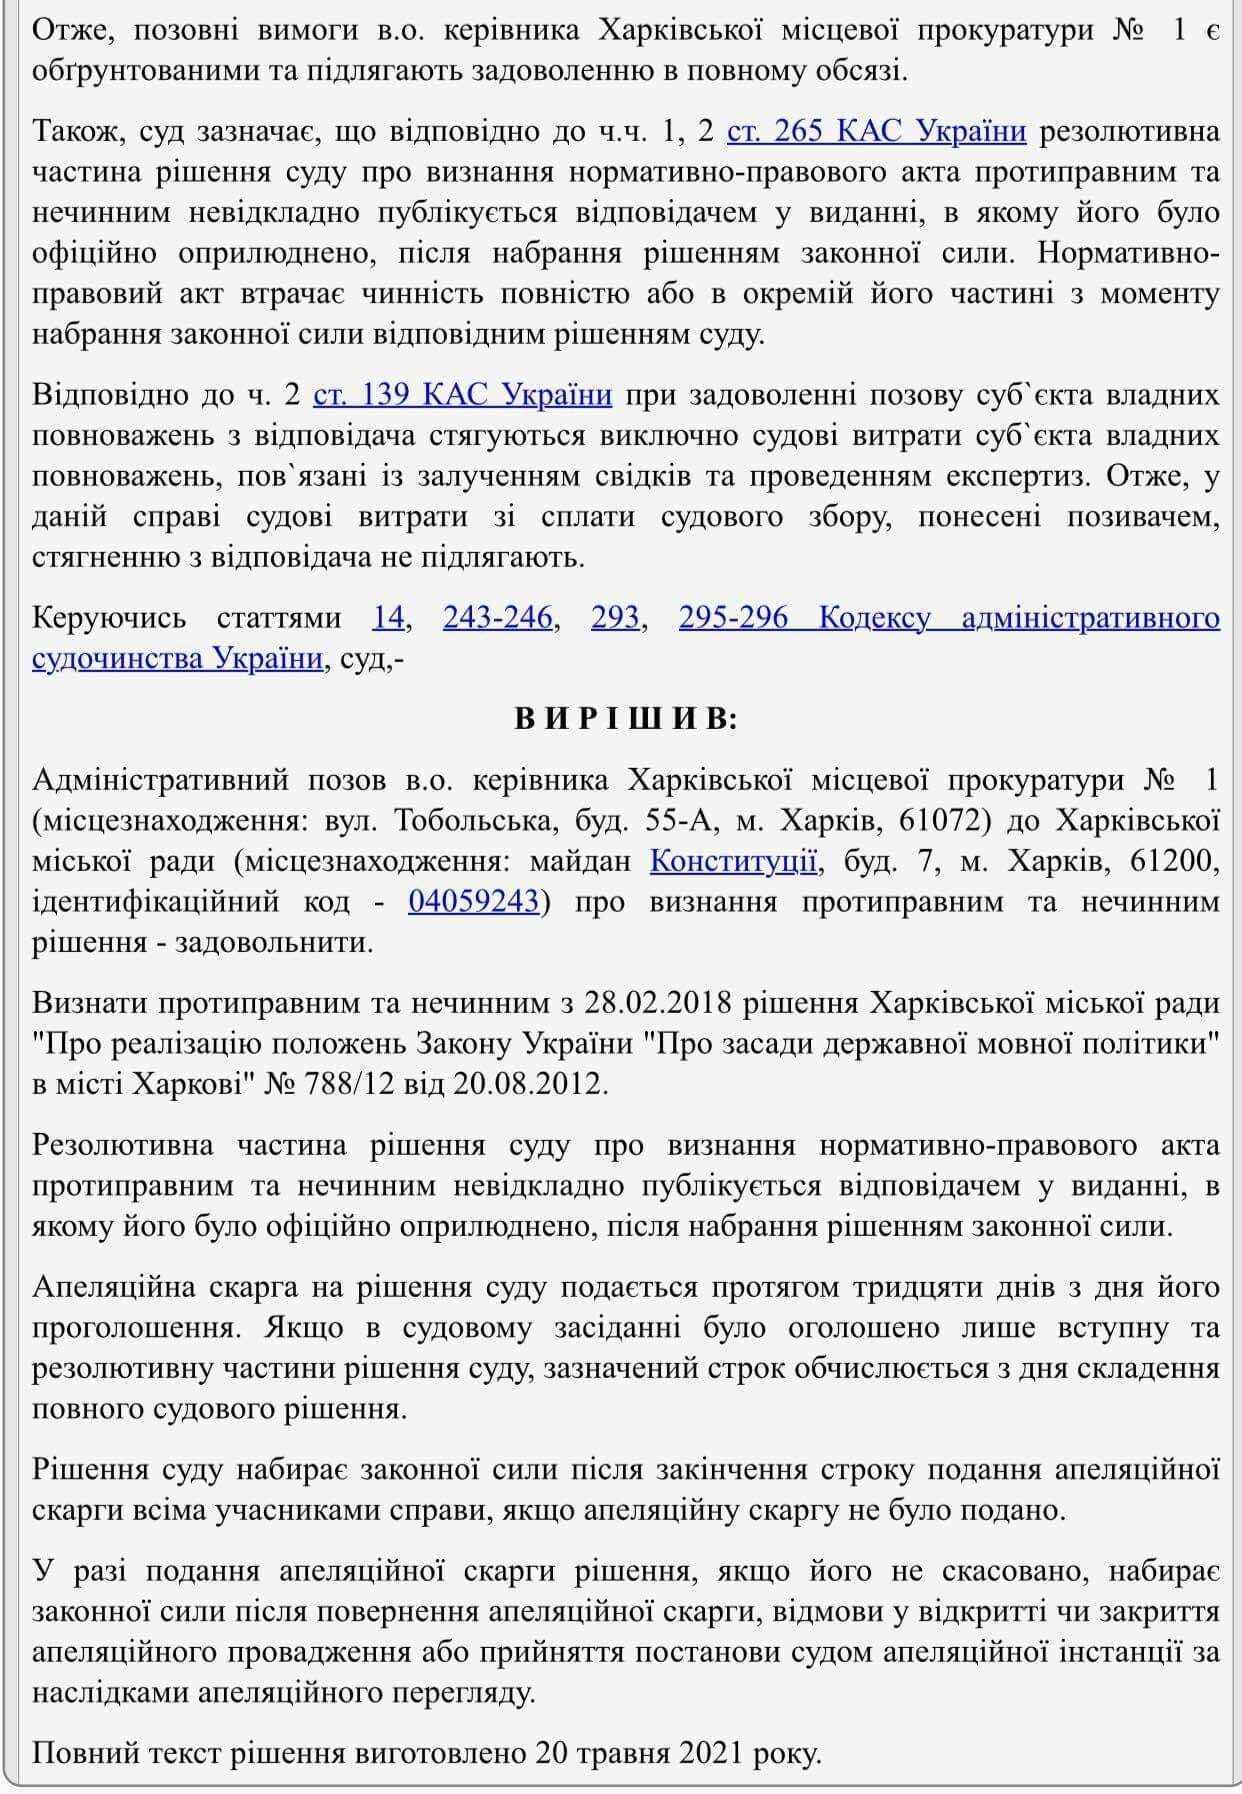 Рішення суду про російську мову в Харкові.